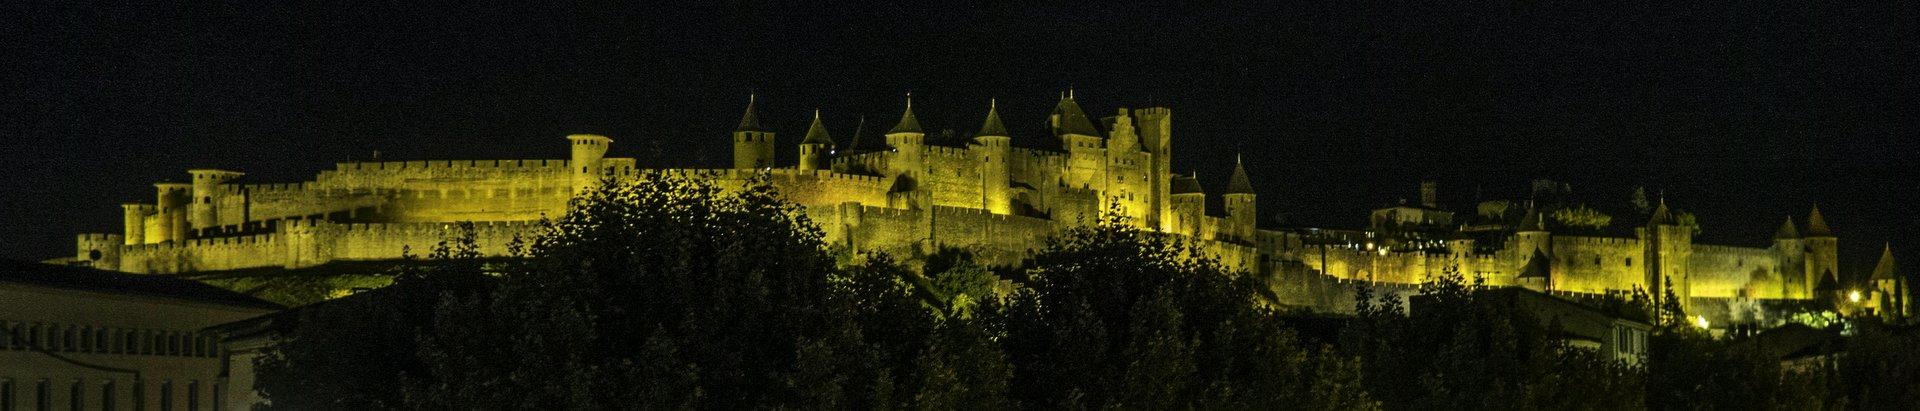 Blick auf die Cité Carcassonne von der Pont Vieux in Carcassonne